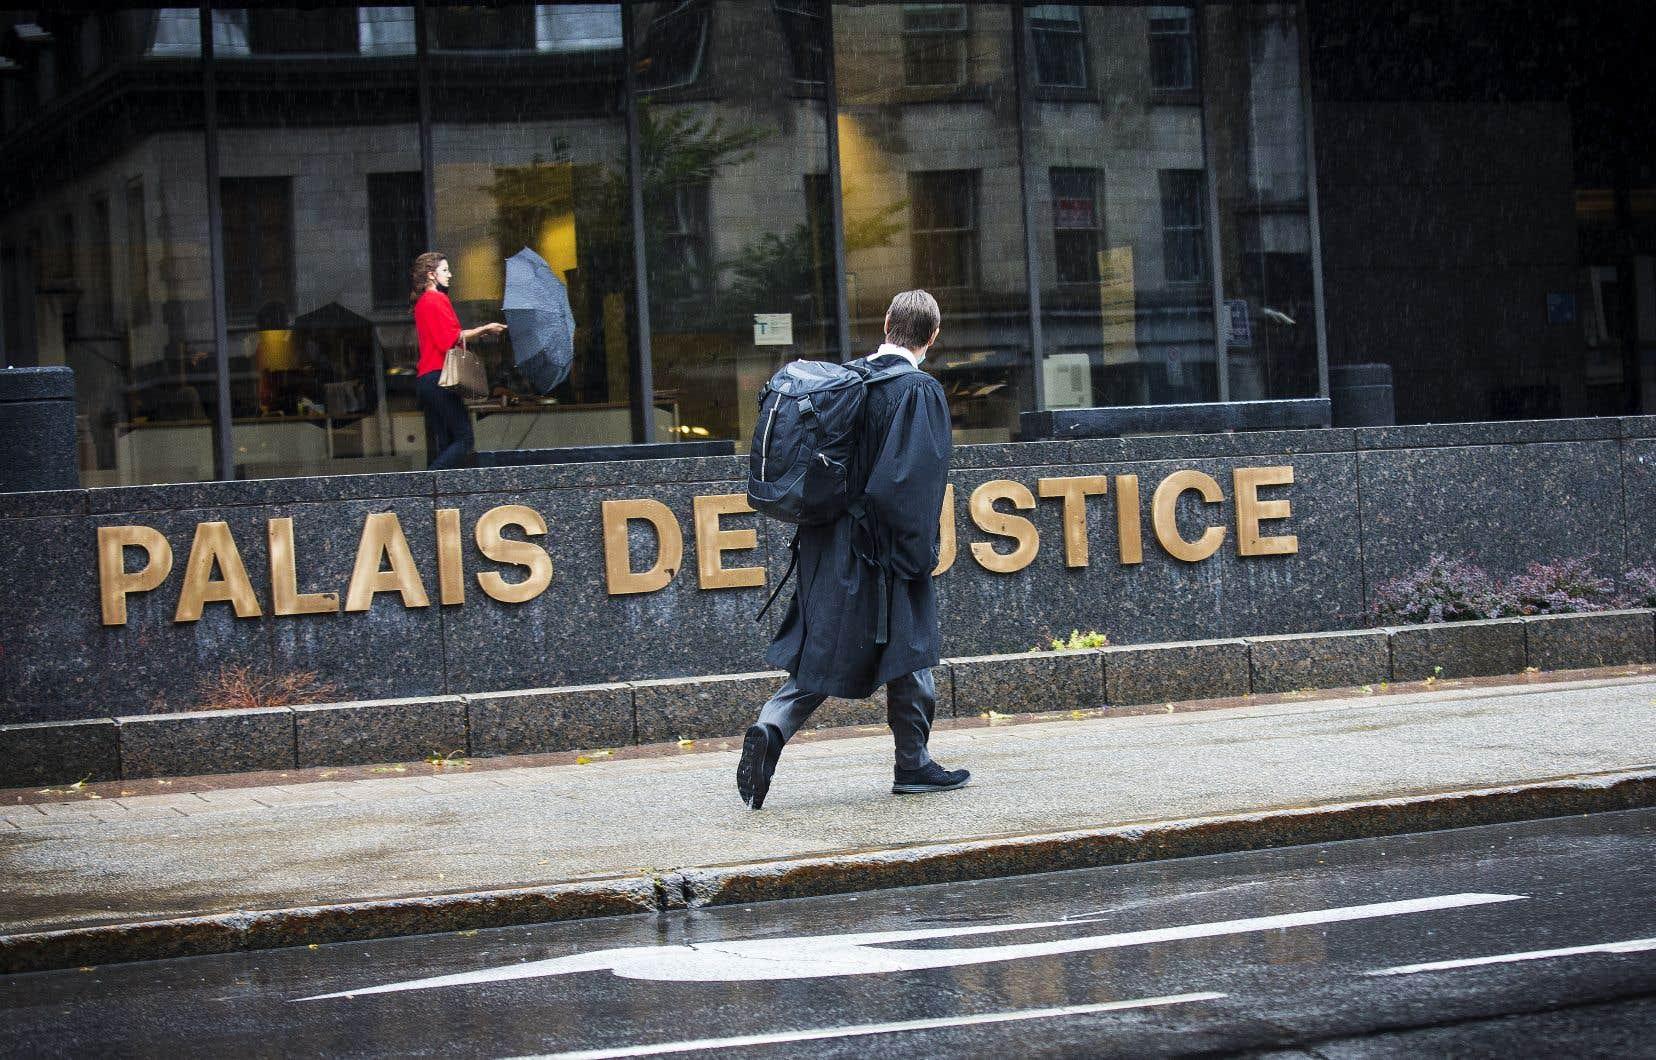 La famille du jeune homme envisage donc de poursuivre la Ville de Montréal en tant qu'employeur du Service de police de la Ville de Montréal, explique son avocat, Me Fernando Belton.